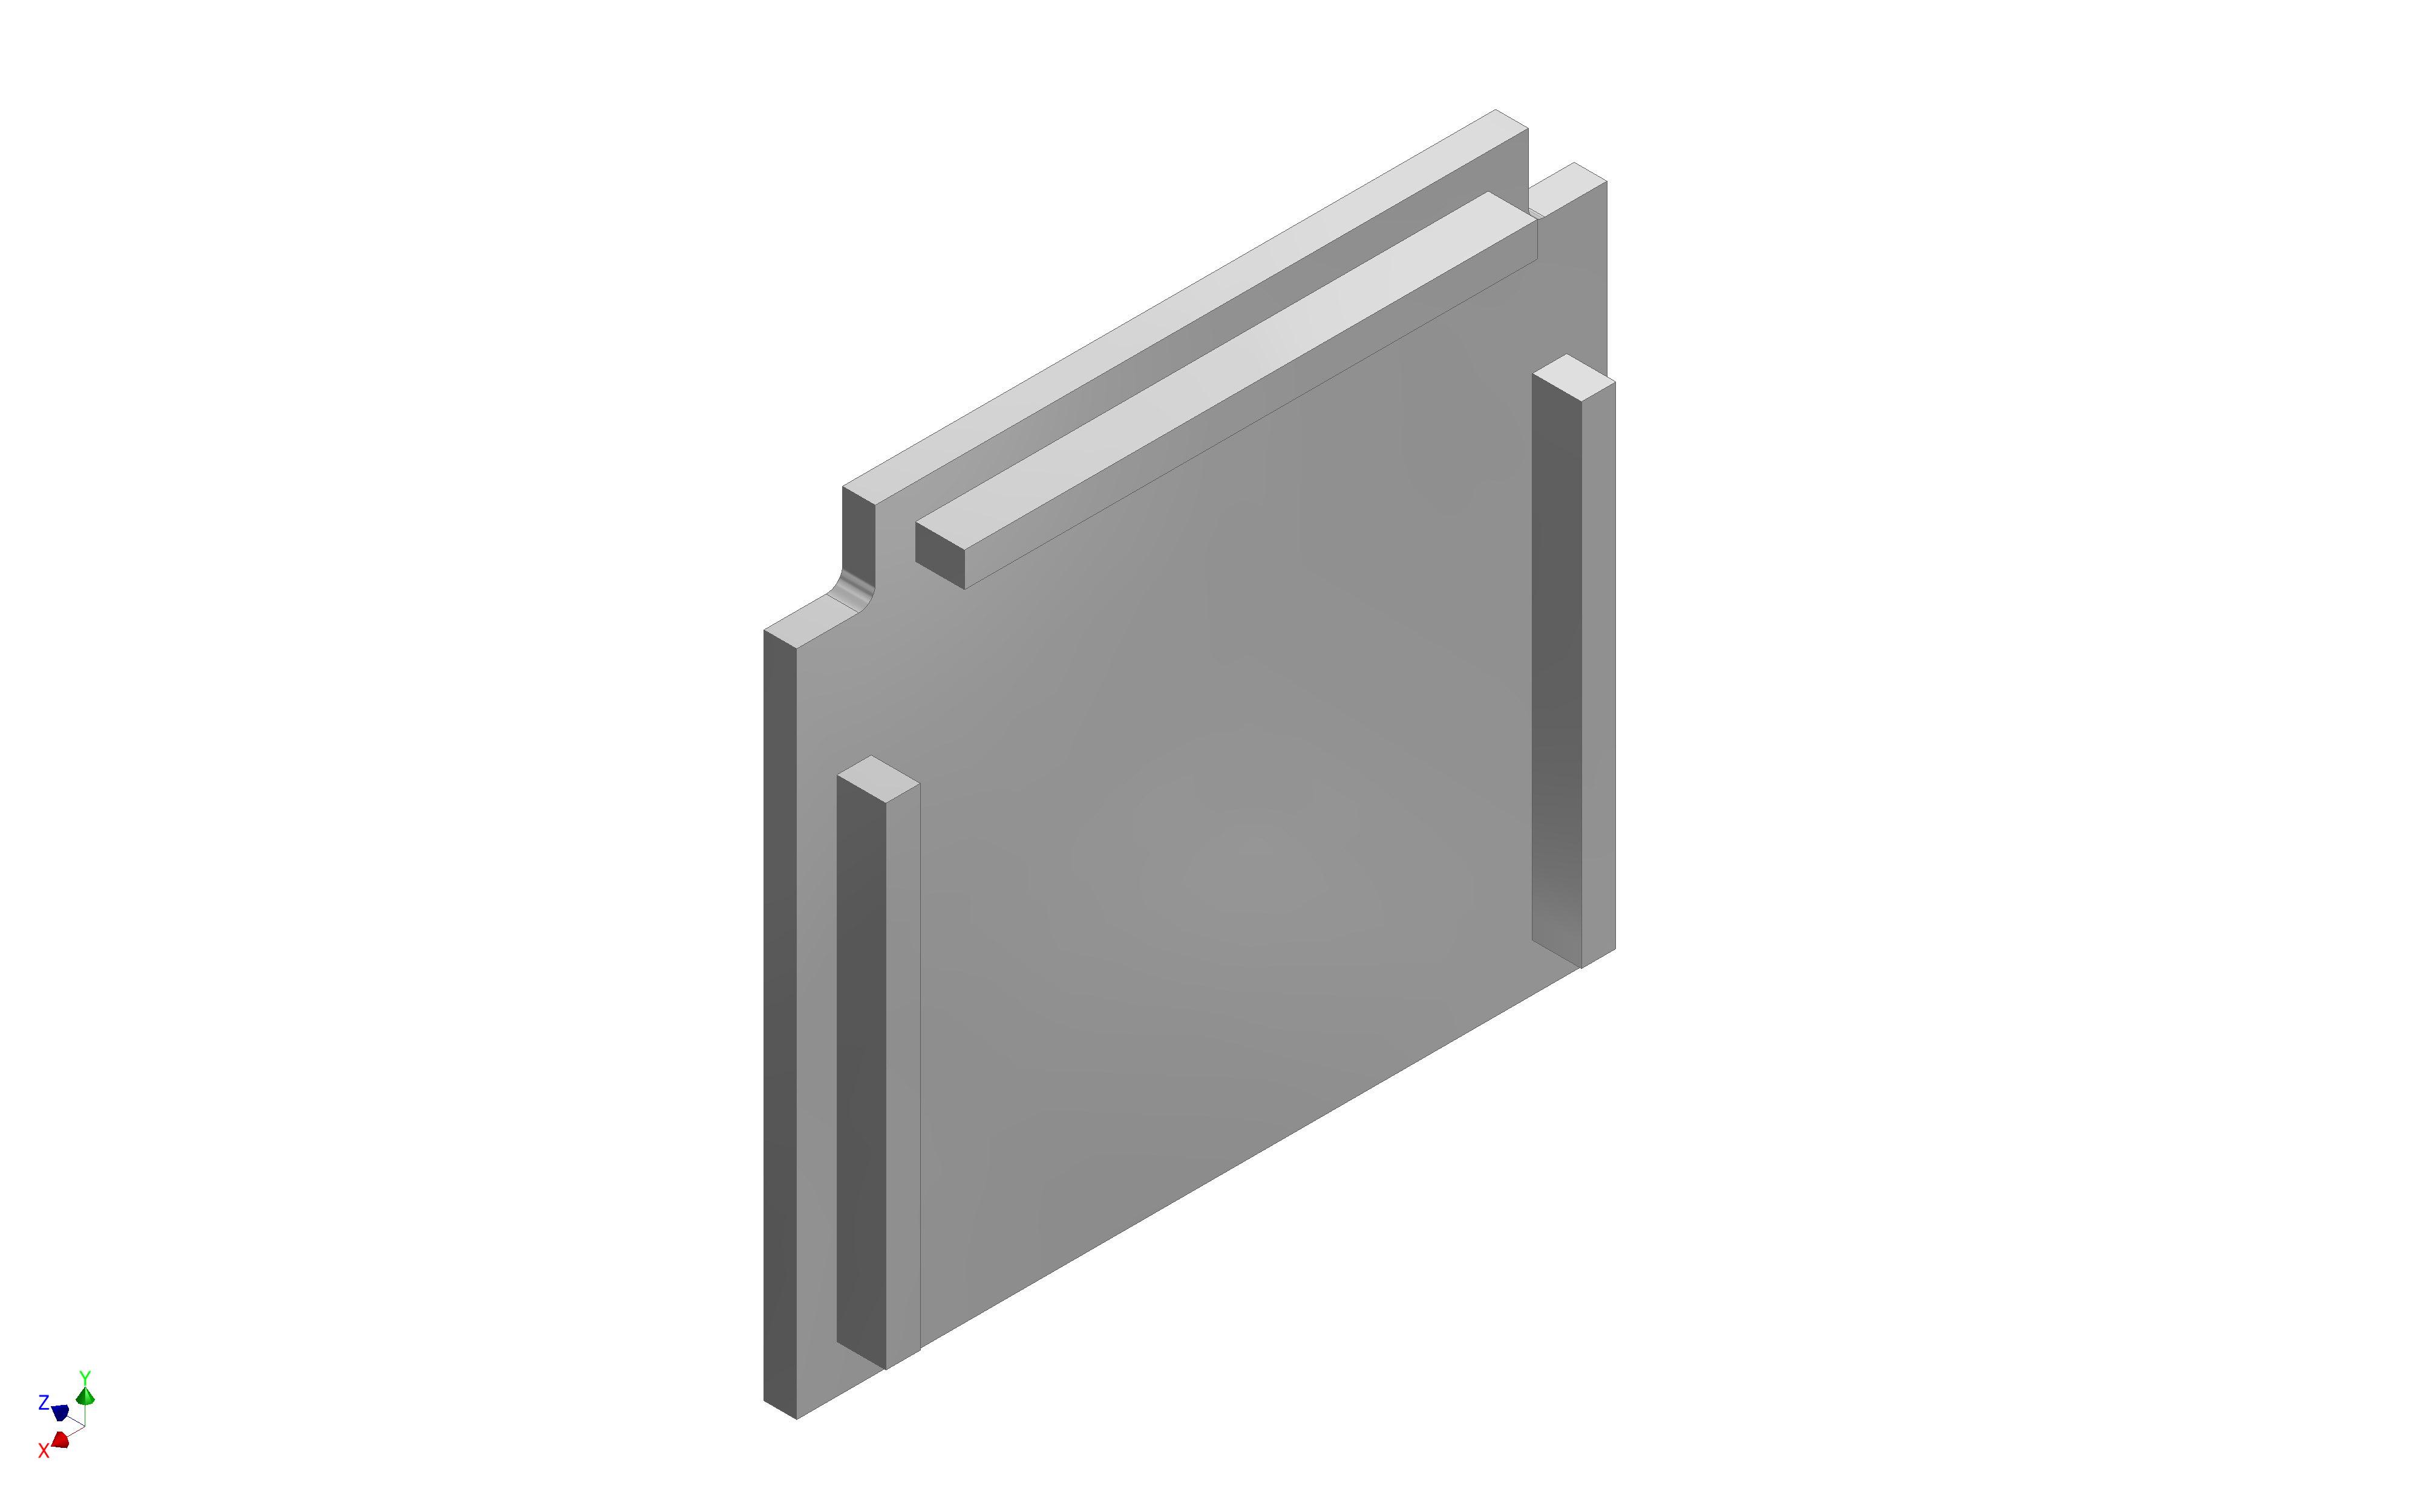 1 VE Endkappe Aluminium für 1-läufige Deckenschienen